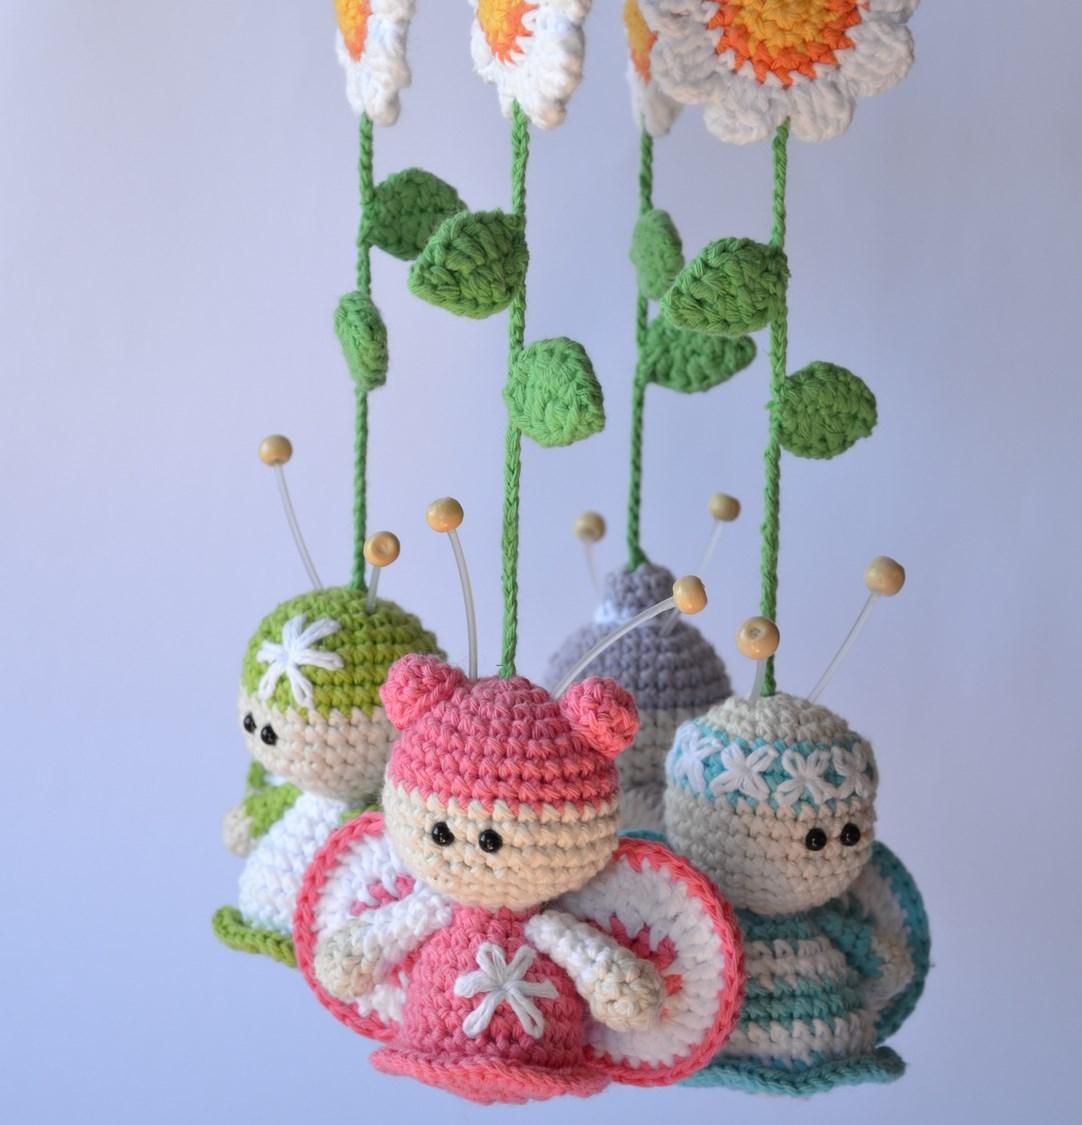 Amigurumi Baby Mobile Pattern : Es un Mundo Amigurumi: Movil de Mariposas... el patron!!!